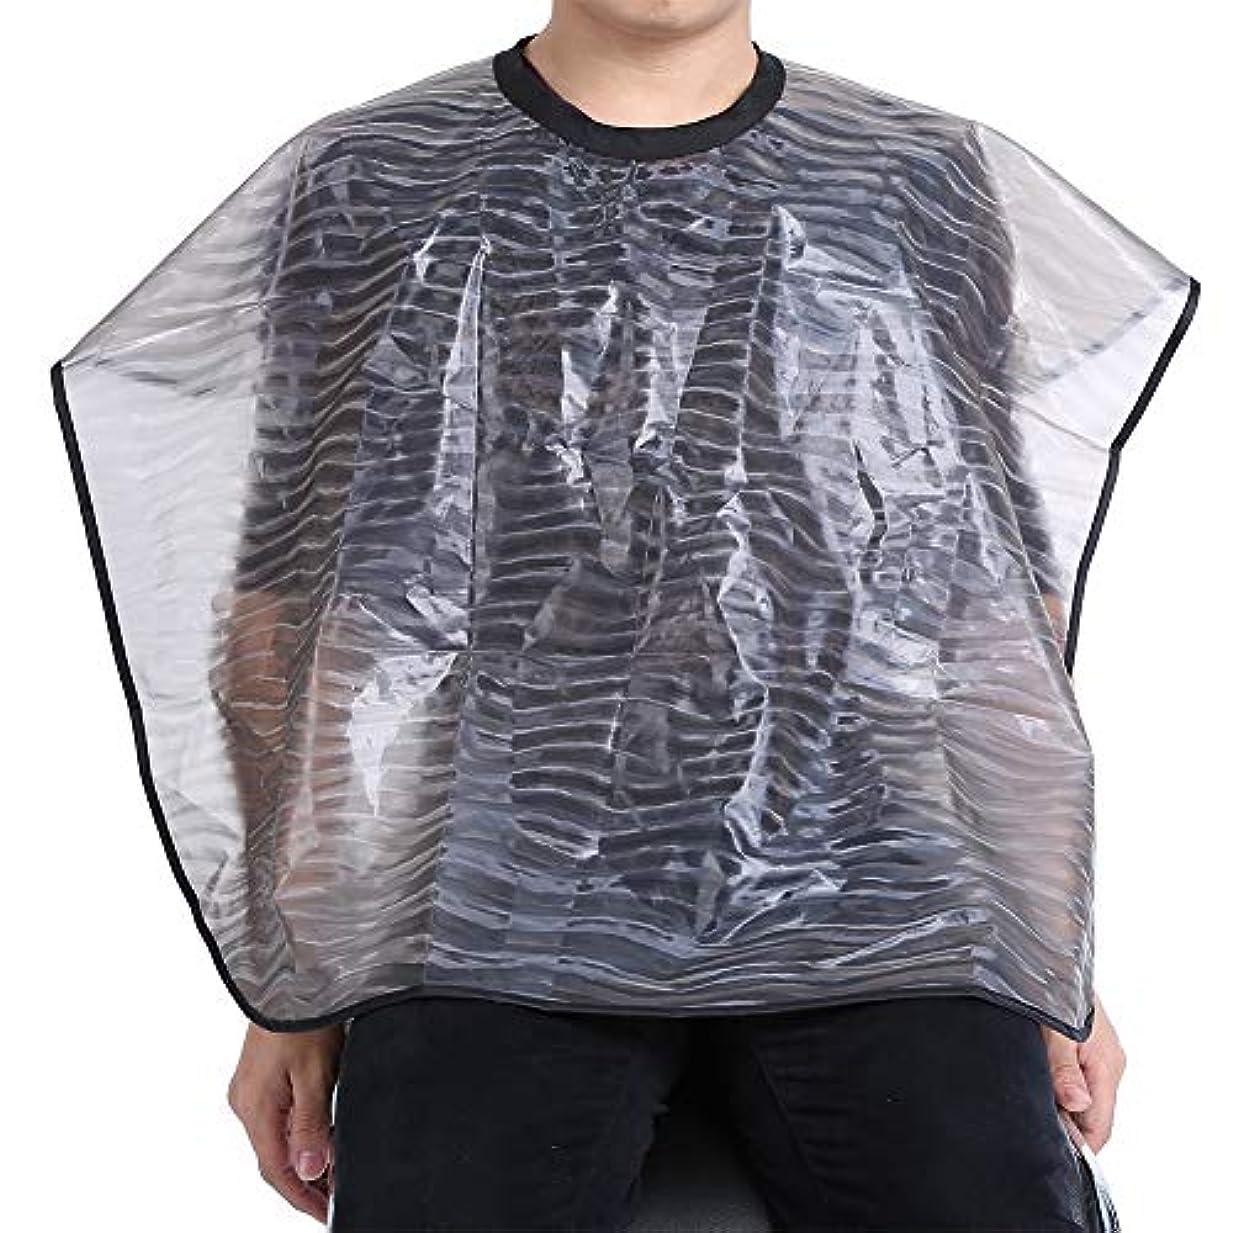 不足びん粘液2サイズ防水再利用可能なサロン理髪布-耐久性のあるヘアスタイリストガウンバーバーケープ(01)